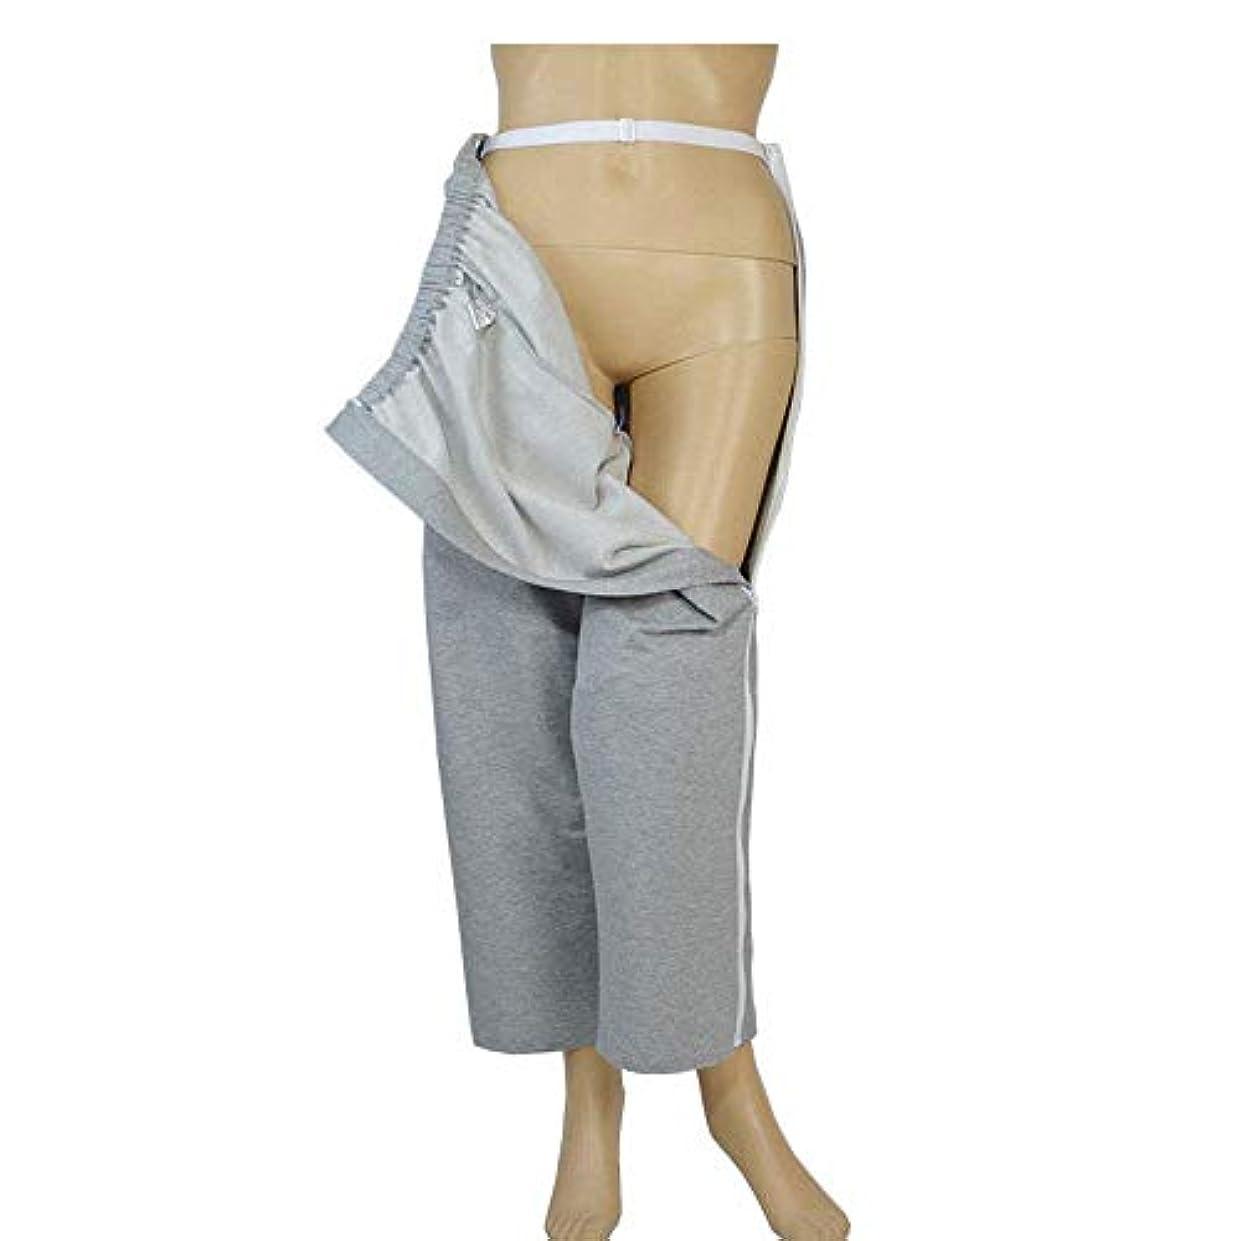 ラリーベルモント仮説パラメータ患者用パンツ患者ケア服、着用と脱着が容易、病院/在宅看護支援、骨折のスーツ、寝たきりの患者/高齢者,XL